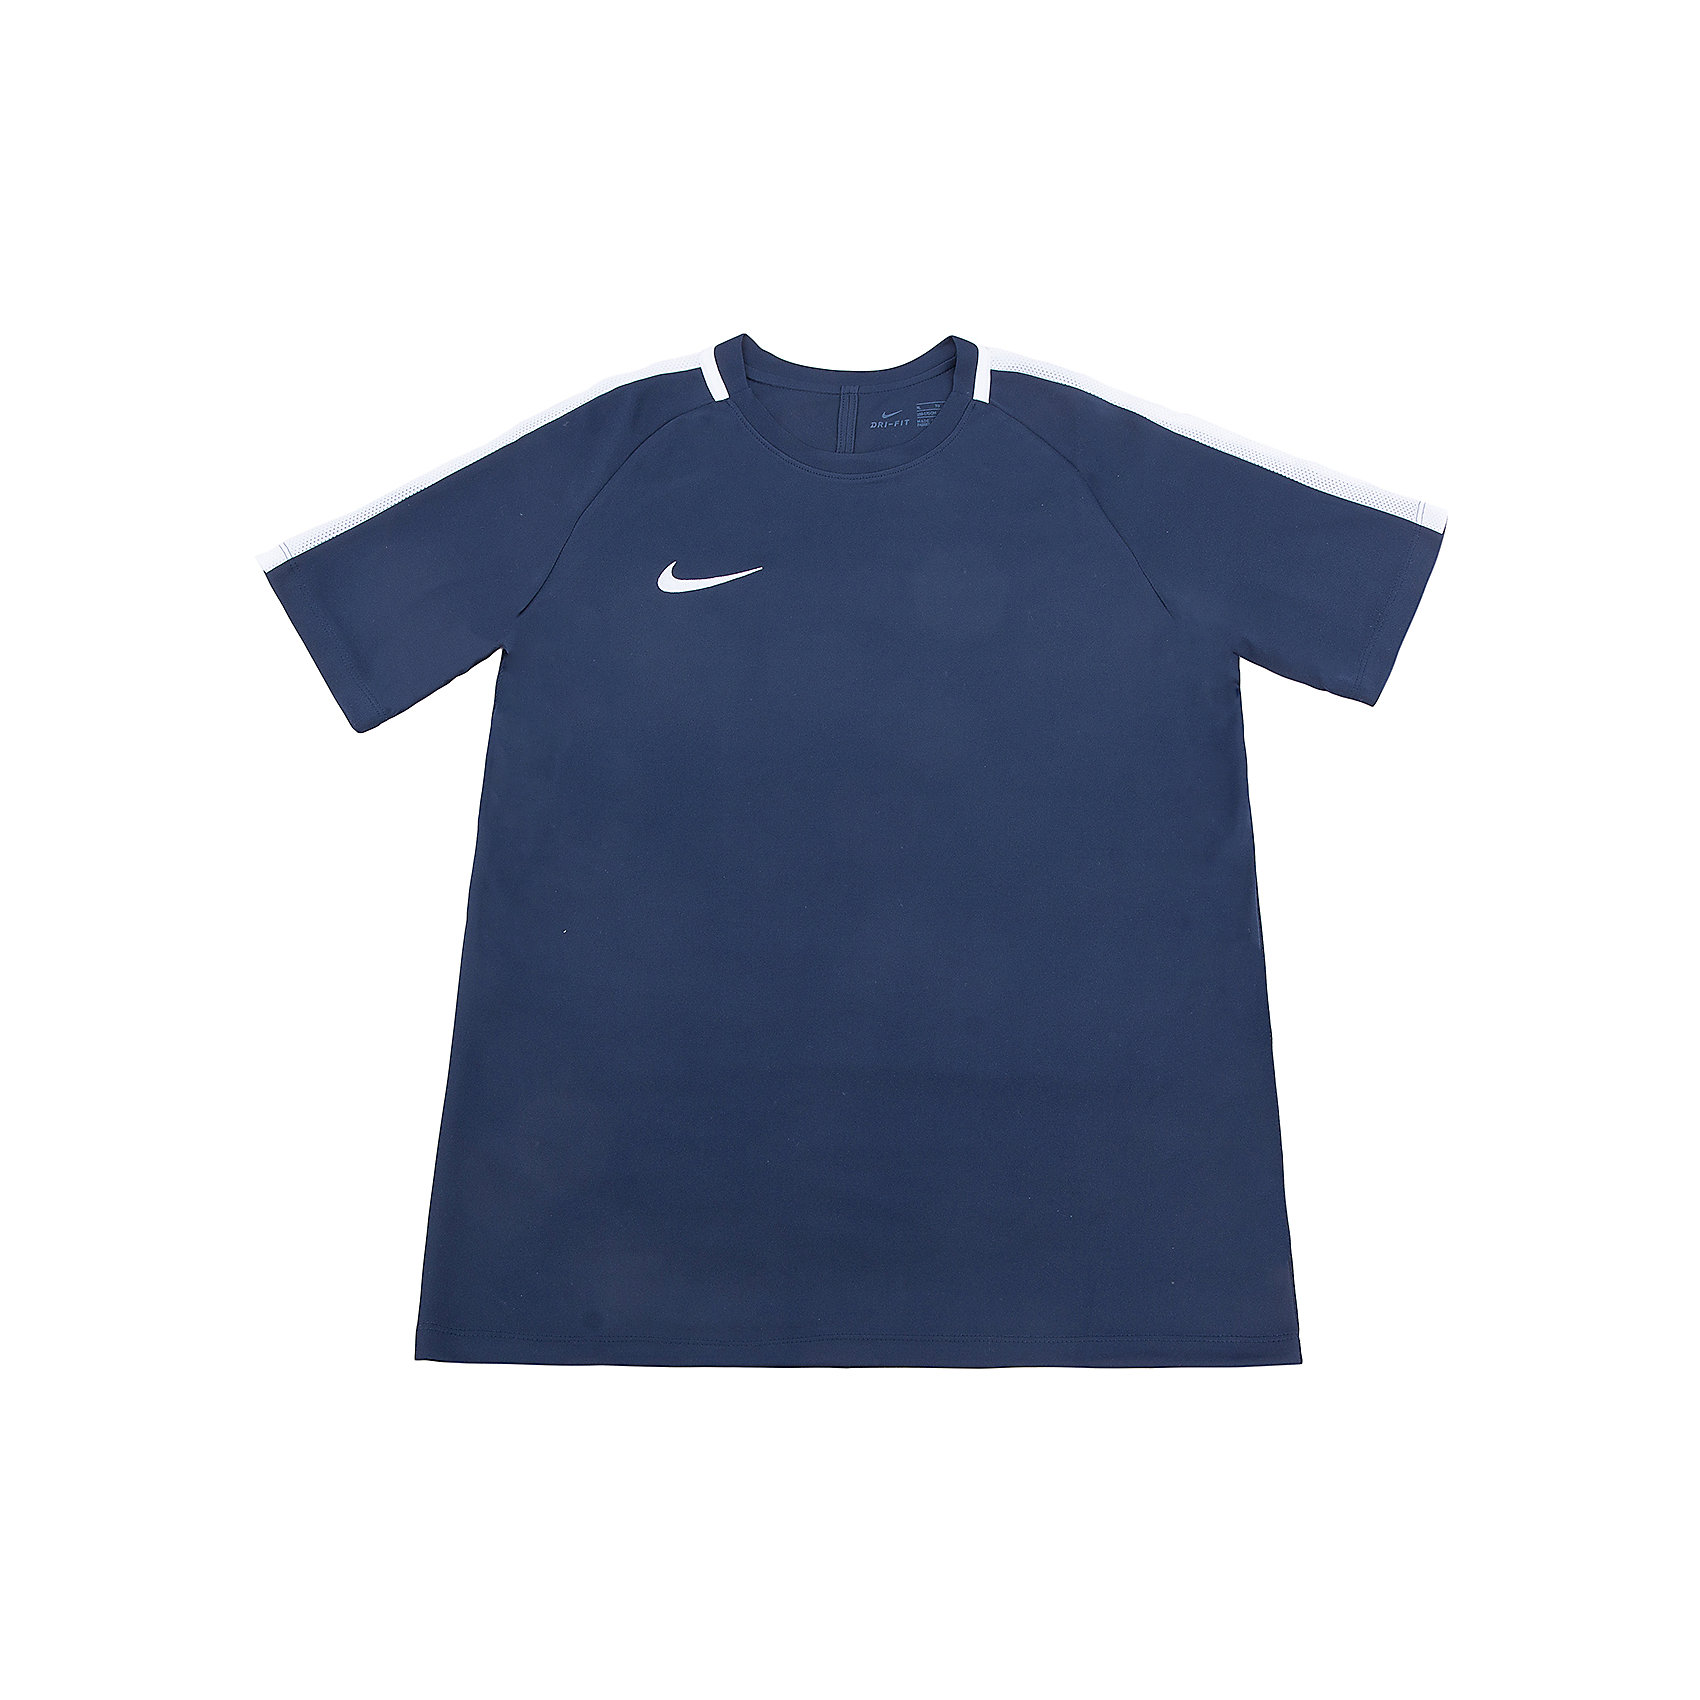 Футболка NIKEФутболки, поло и топы<br>Характеристики товара:<br><br>• цвет: синий<br>• состав ткани: 100% полиэстер<br>• сезон: лето<br>• особенности модели: спортивный стиль<br>• технология: Dri-FIT<br>• короткие рукава<br>• страна бренда: США<br>• страна изготовитель: Китай<br><br>Стильная футболка от Nike может выступать в роли тренировочной одежды. Эта модель детской футболки поможет обеспечить ребенку комфорт. Детская спортивная футболка Nike отличается актуальным для нового сезона дизайном. В синей футболке для ребенка он будет выглядеть модно, а чувствовать себя - комфортно. <br><br>Футболку Nike (Найк) можно купить в нашем интернет-магазине.<br><br>Ширина мм: 199<br>Глубина мм: 10<br>Высота мм: 161<br>Вес г: 151<br>Цвет: черный<br>Возраст от месяцев: 168<br>Возраст до месяцев: 180<br>Пол: Унисекс<br>Возраст: Детский<br>Размер: 158/170,122/128,128/134,135/140,147/158<br>SKU: 6921124